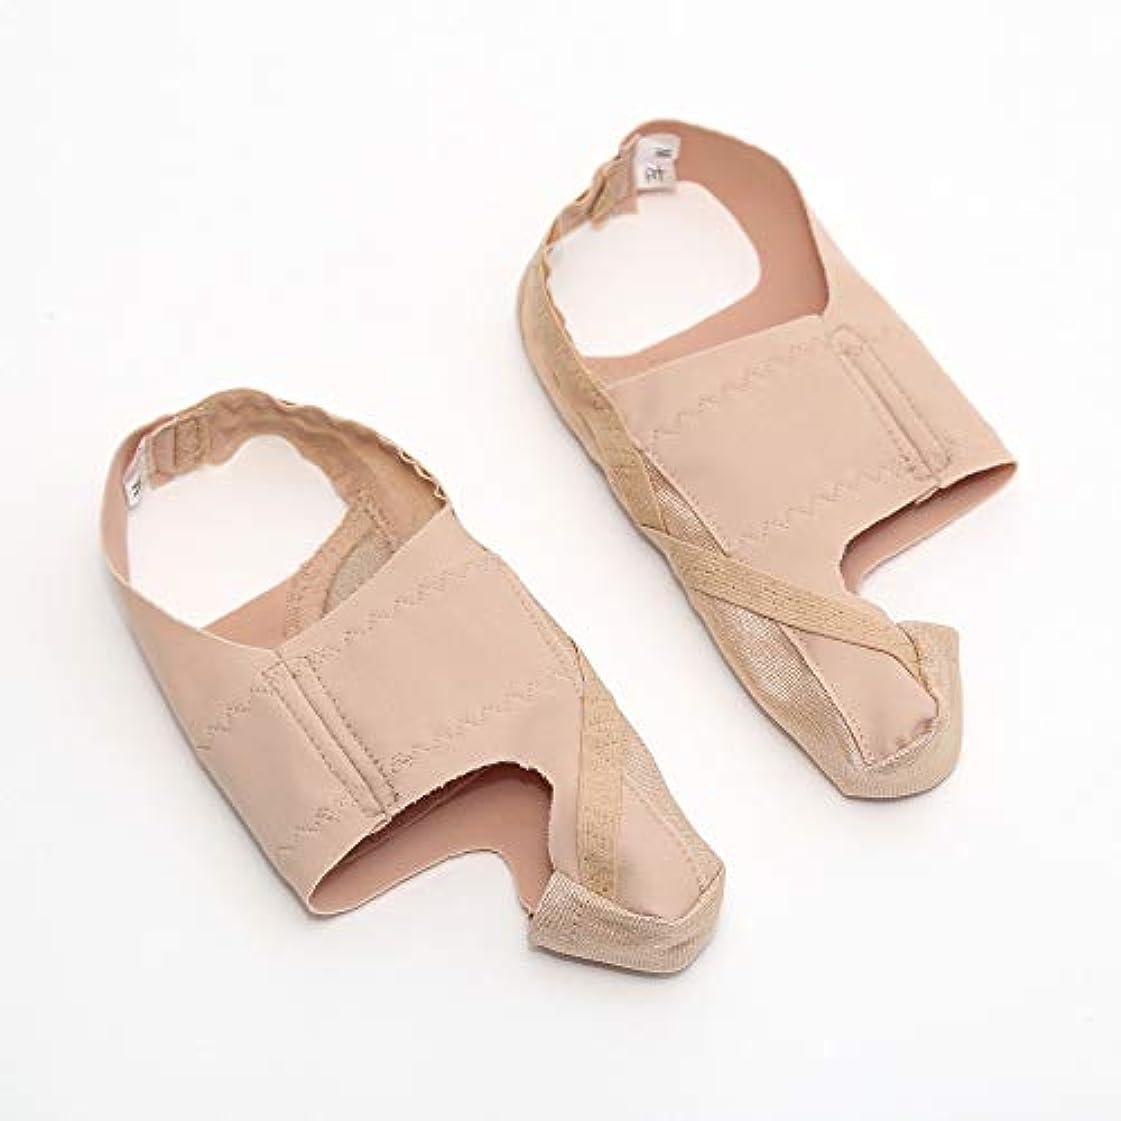 慣れる速度居眠りする靴も履けるんデス EX Sサイズ コエンザイムQ10 美容エッセンスマスク付セット